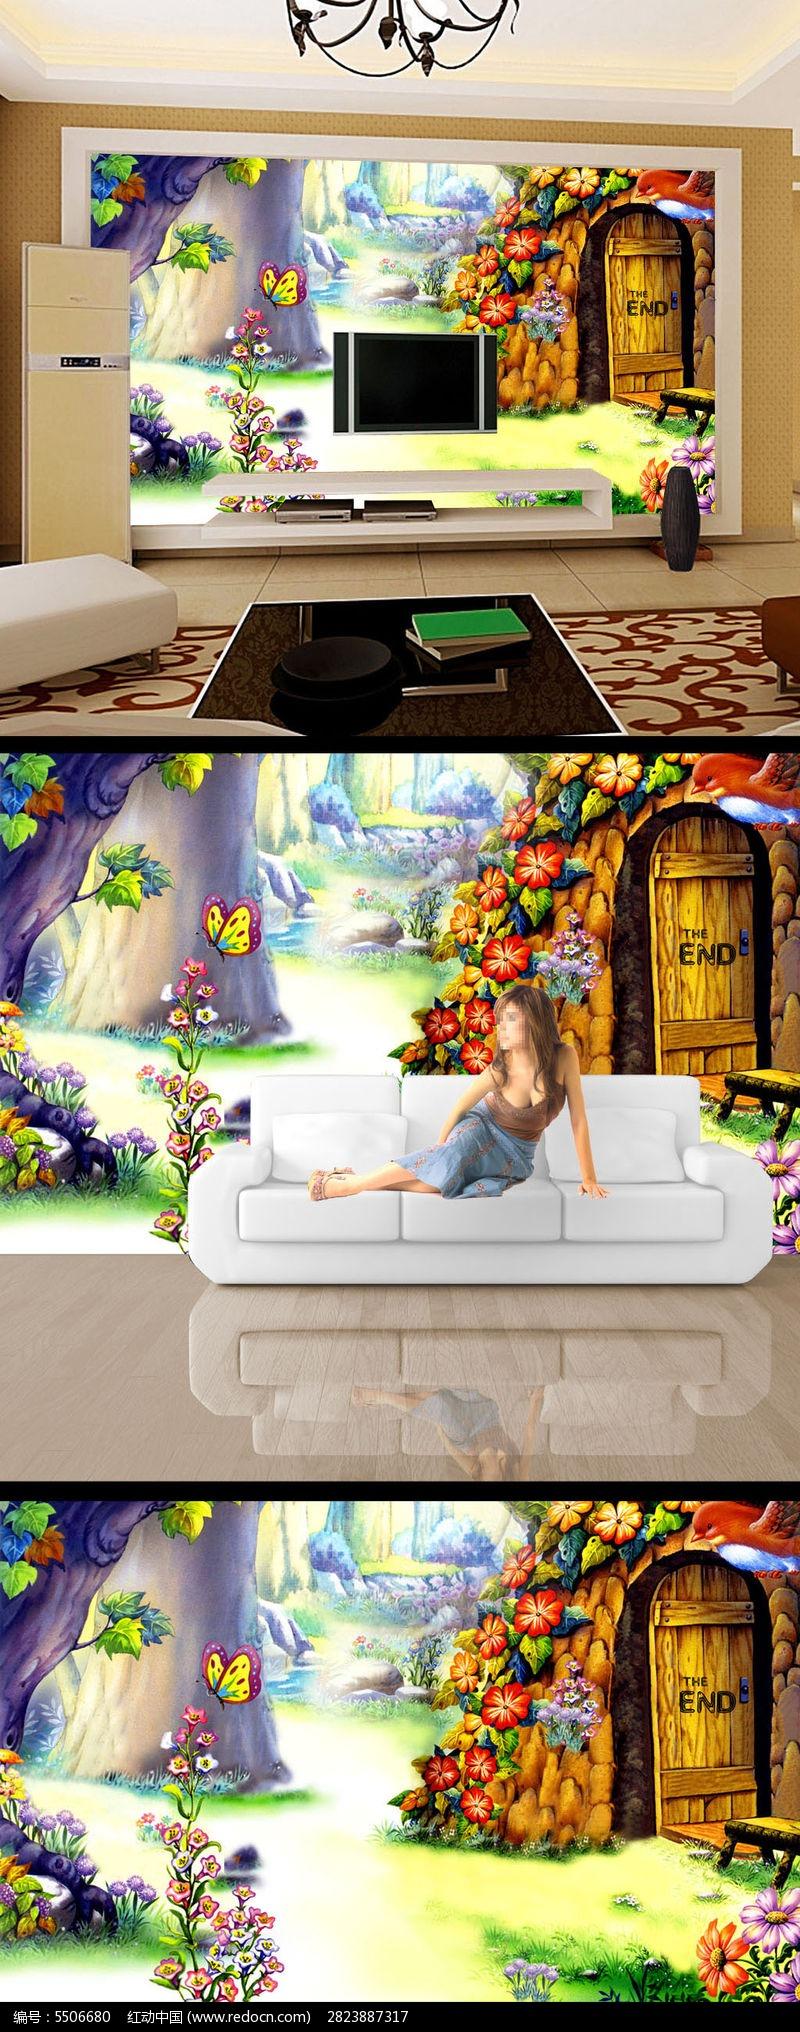 手绘彩绘风景画房子电视背景墙